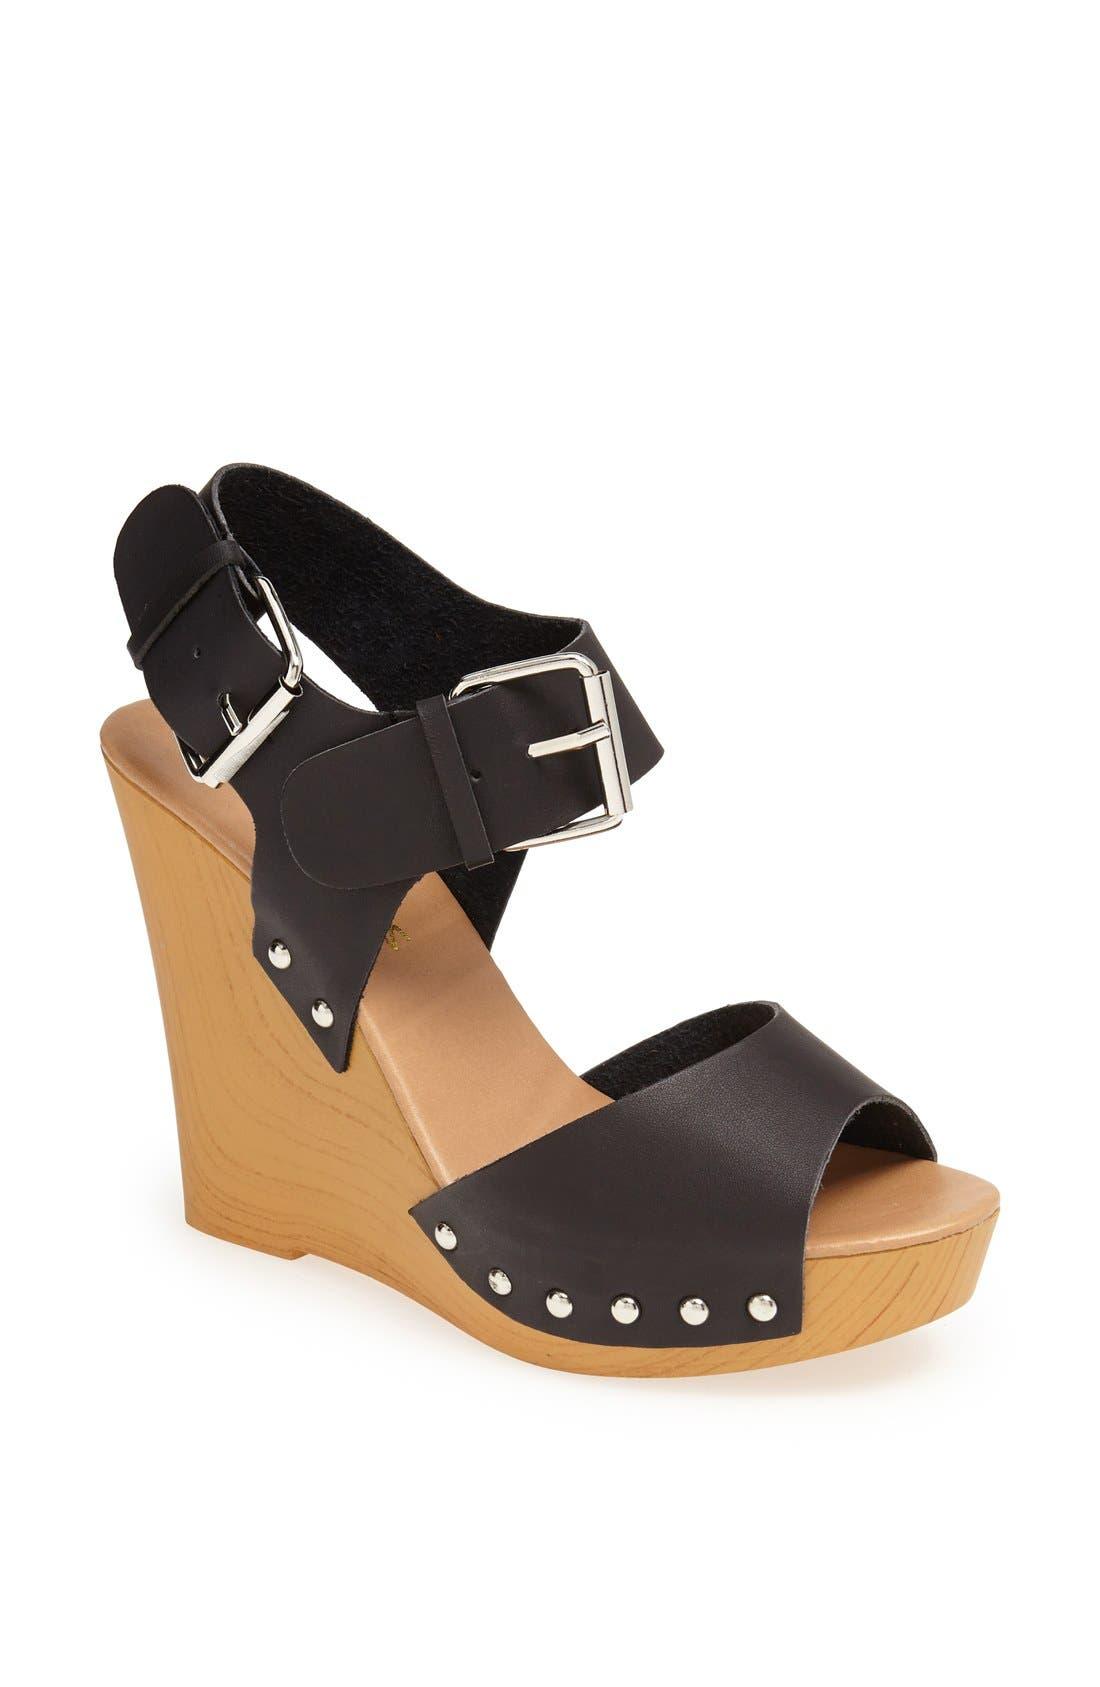 Main Image - Matisse 'Peace' Wedge Sandal